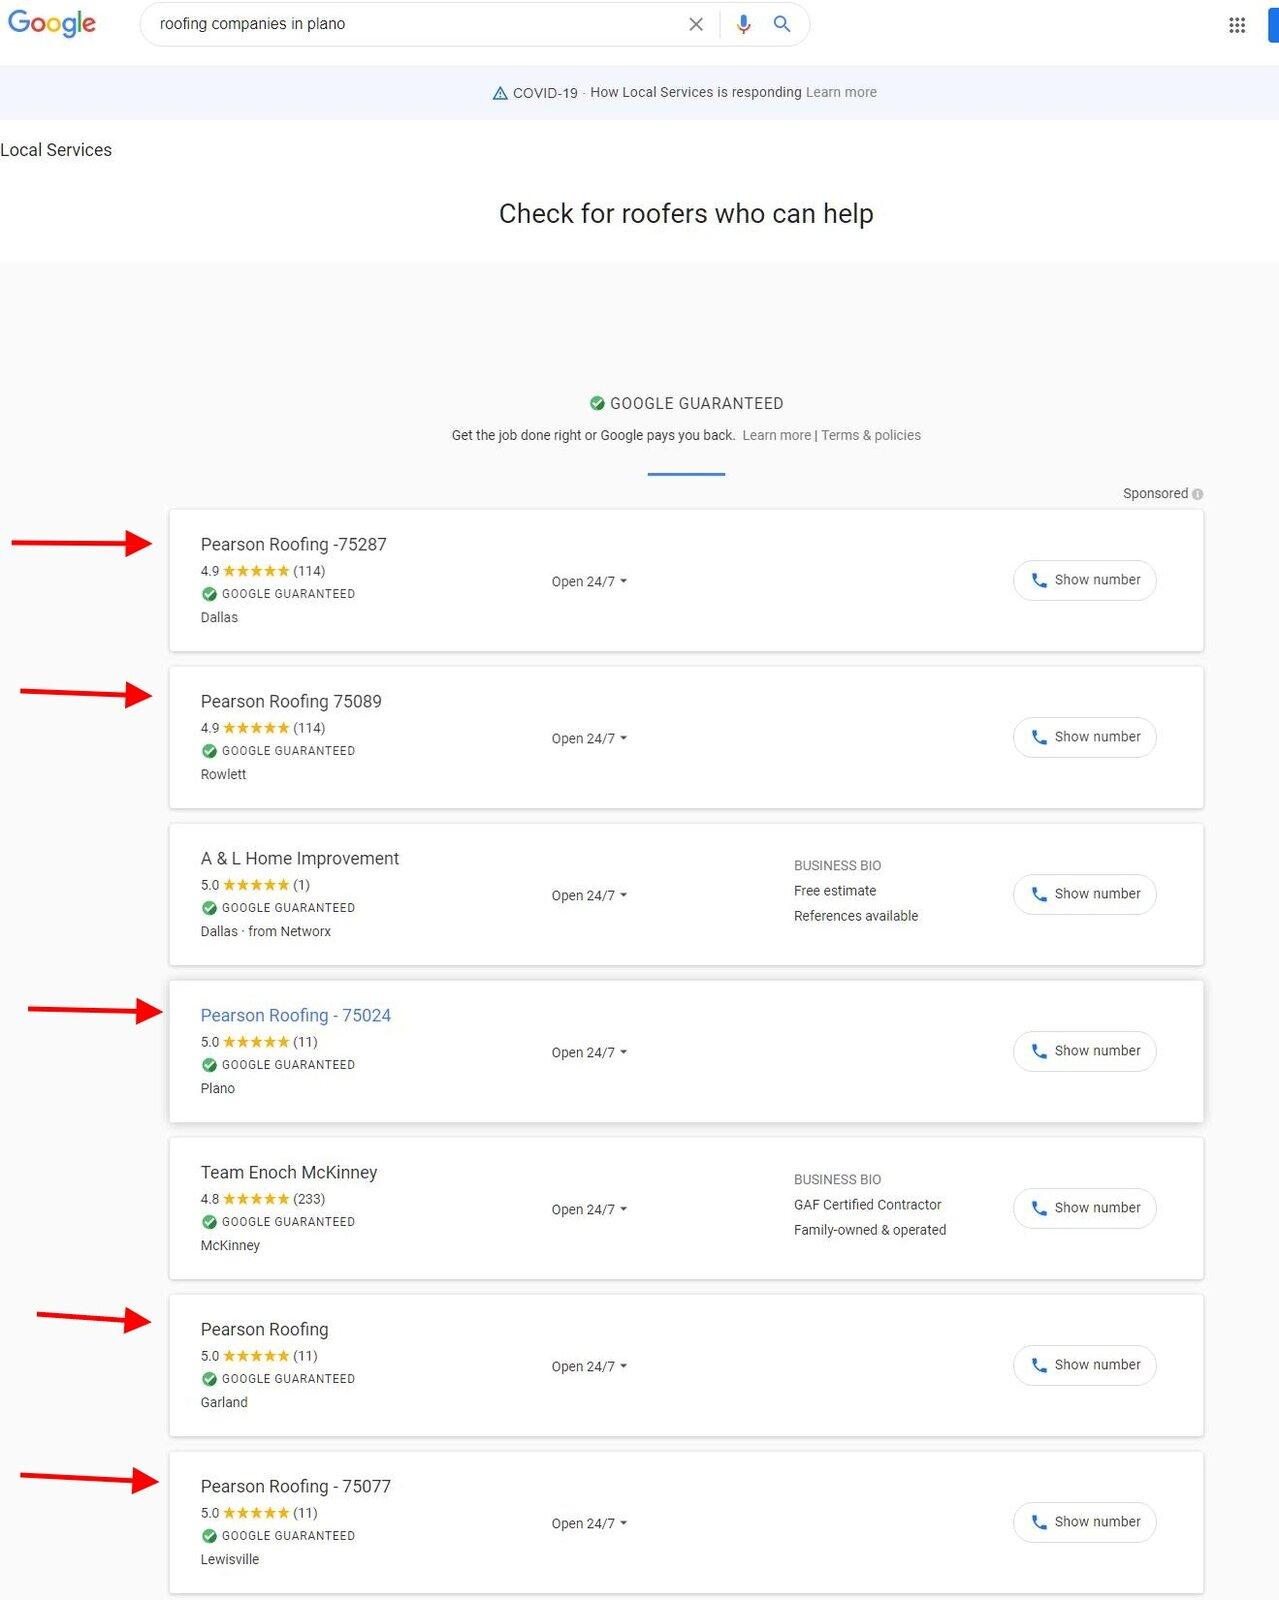 screenshot-www.google.com-2020.07.12-23_17_14.jpg